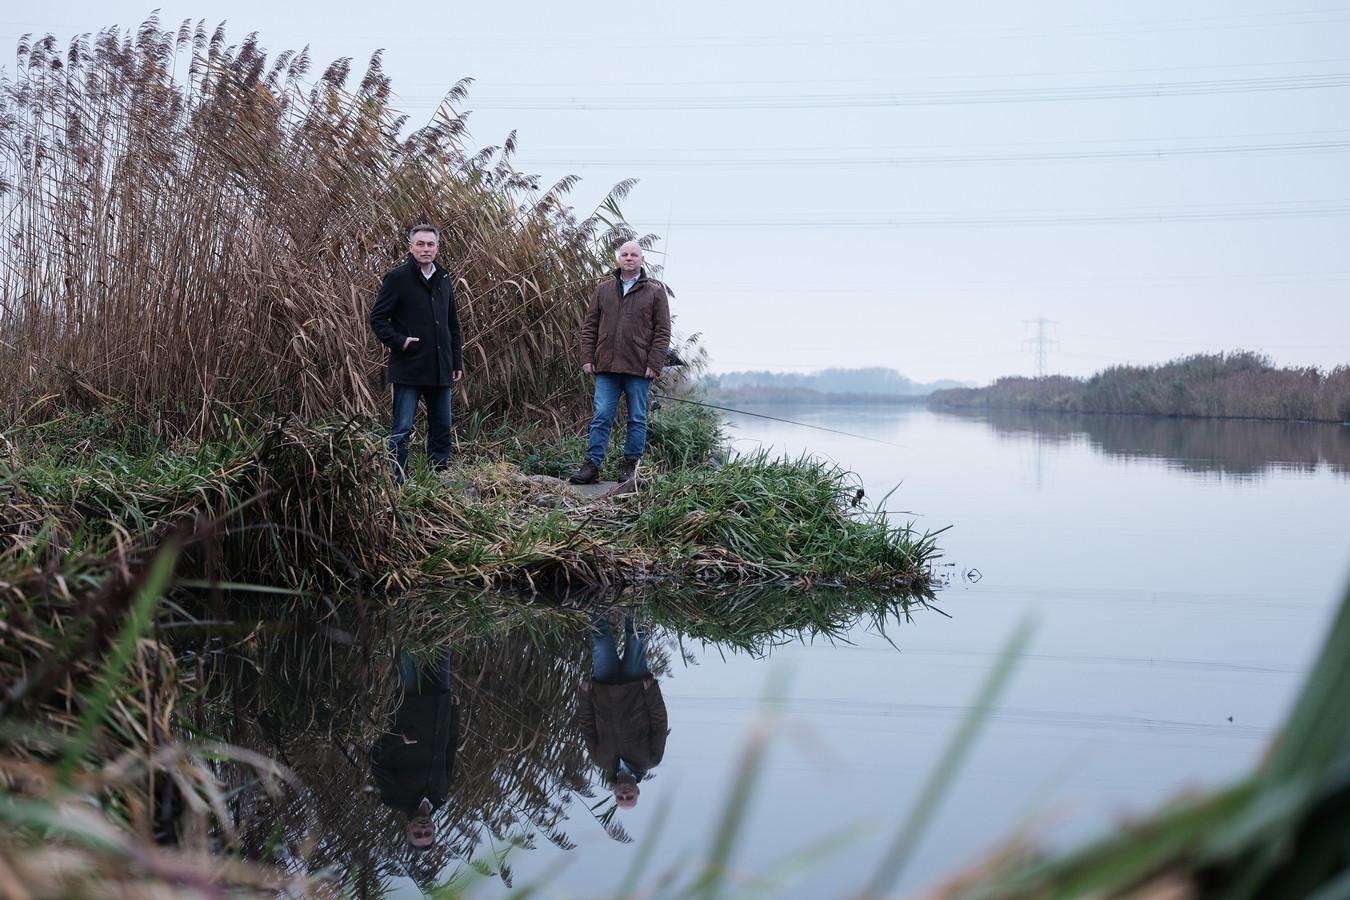 Momenteel water genoeg in de Oude IJssel, maar blijft dat zo?